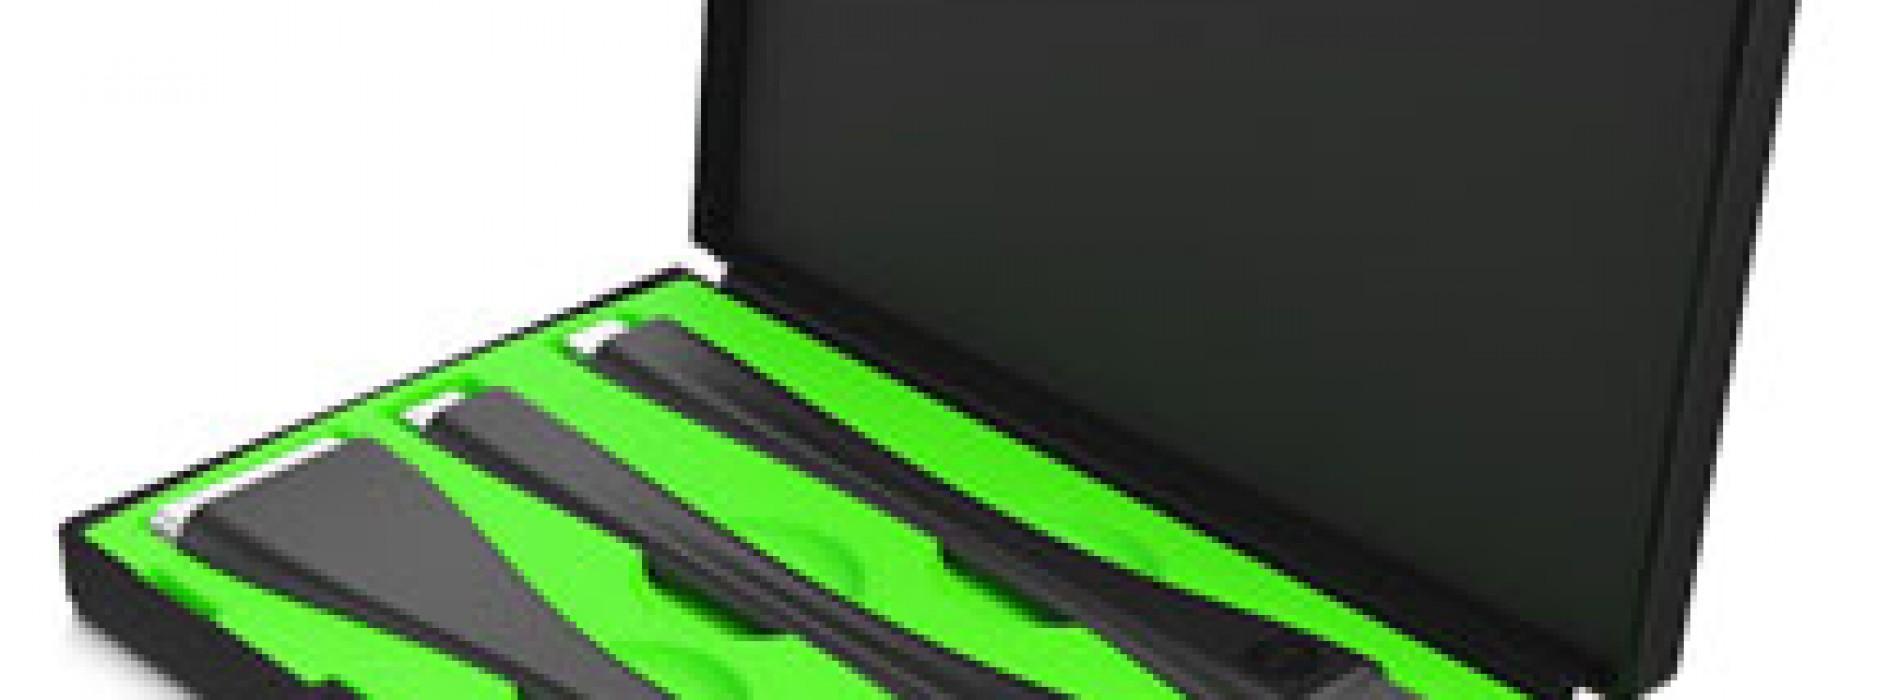 Nuevo kit de cables conectores para productos Apple